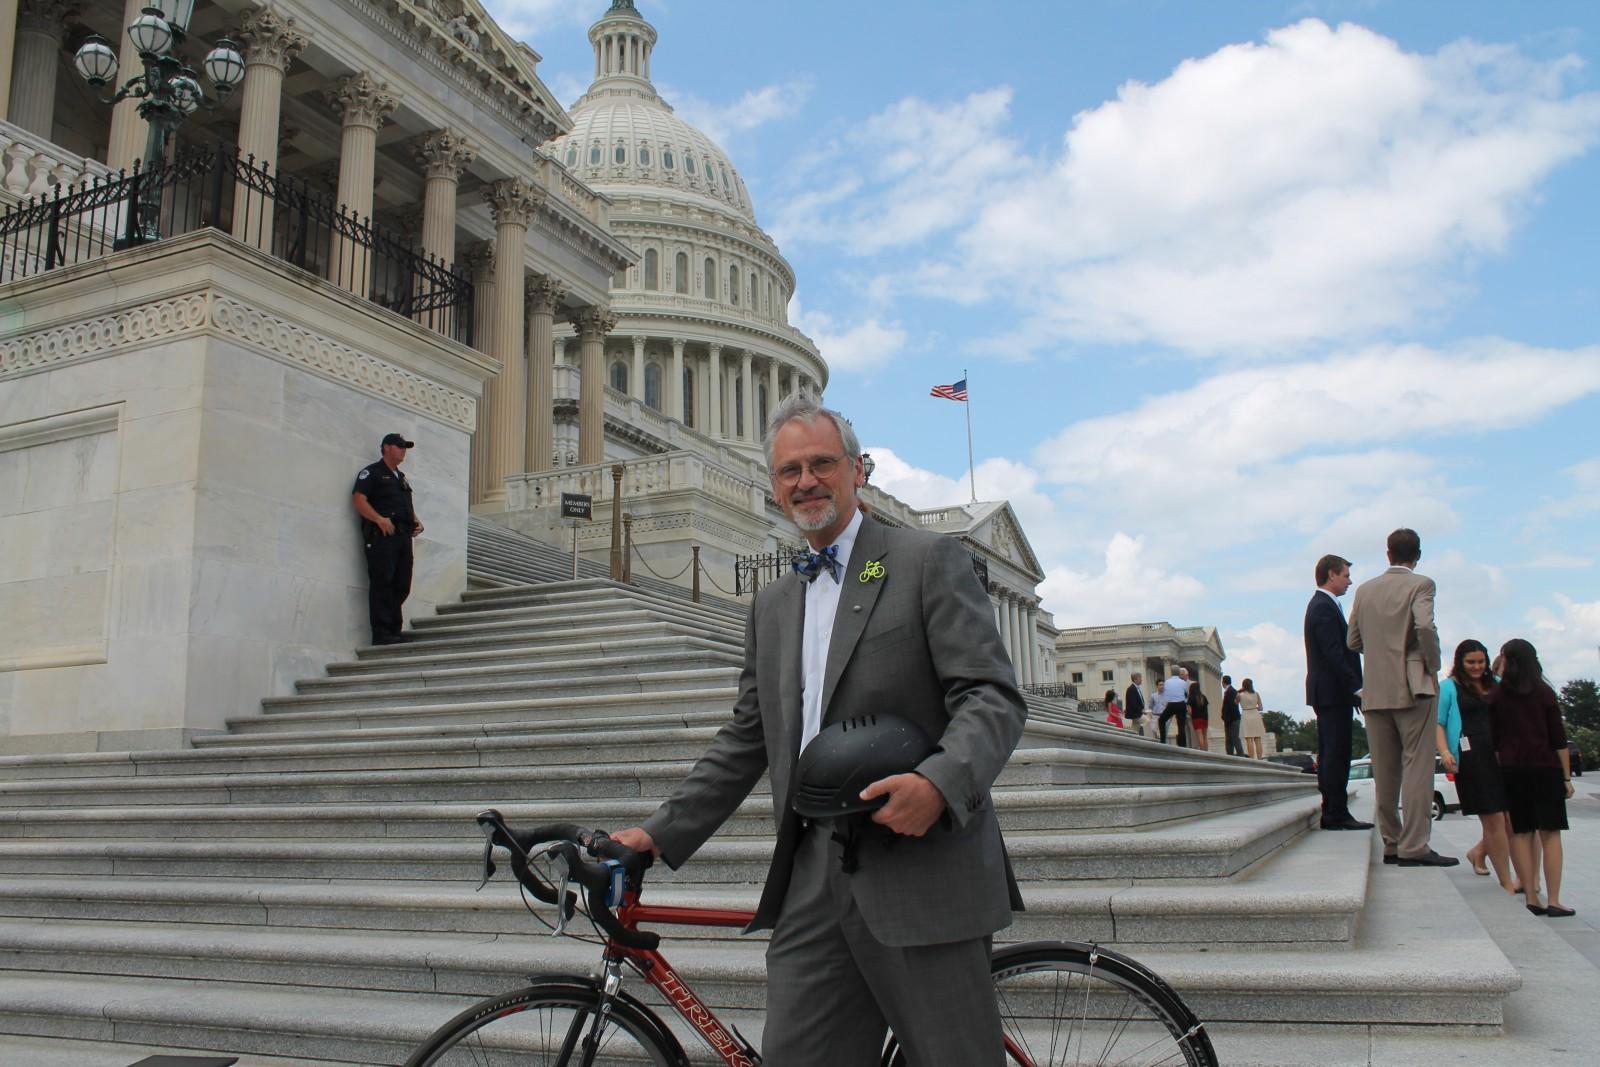 Oregon Congressman Earl Blumenauer